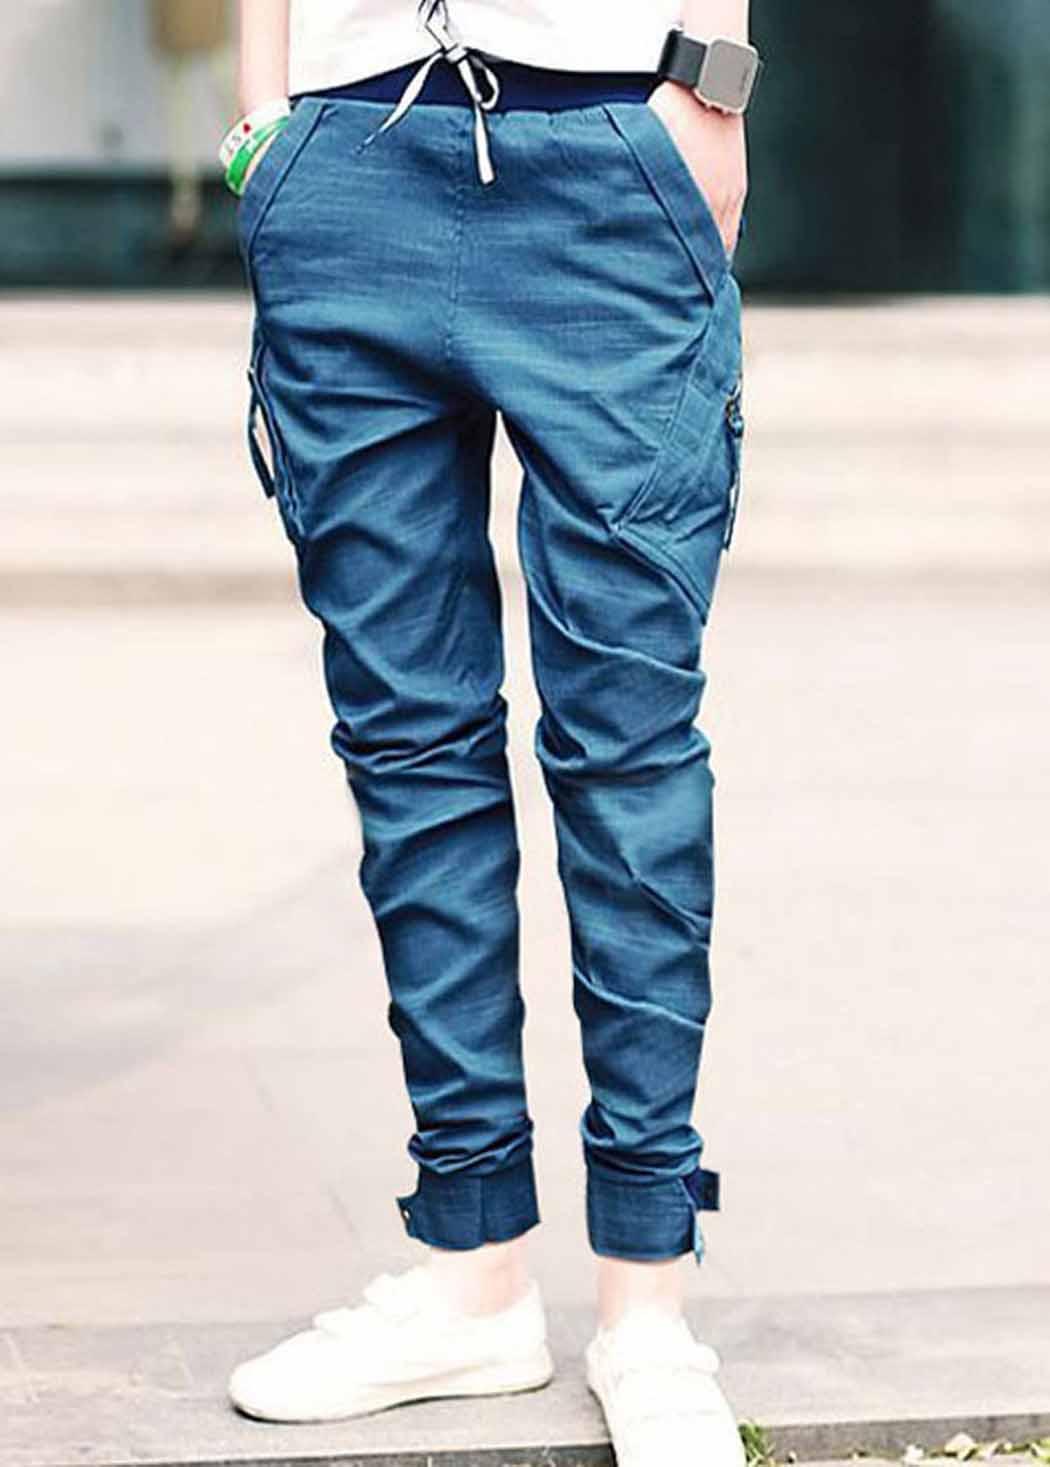 Как из джинсов сделать джоггеры